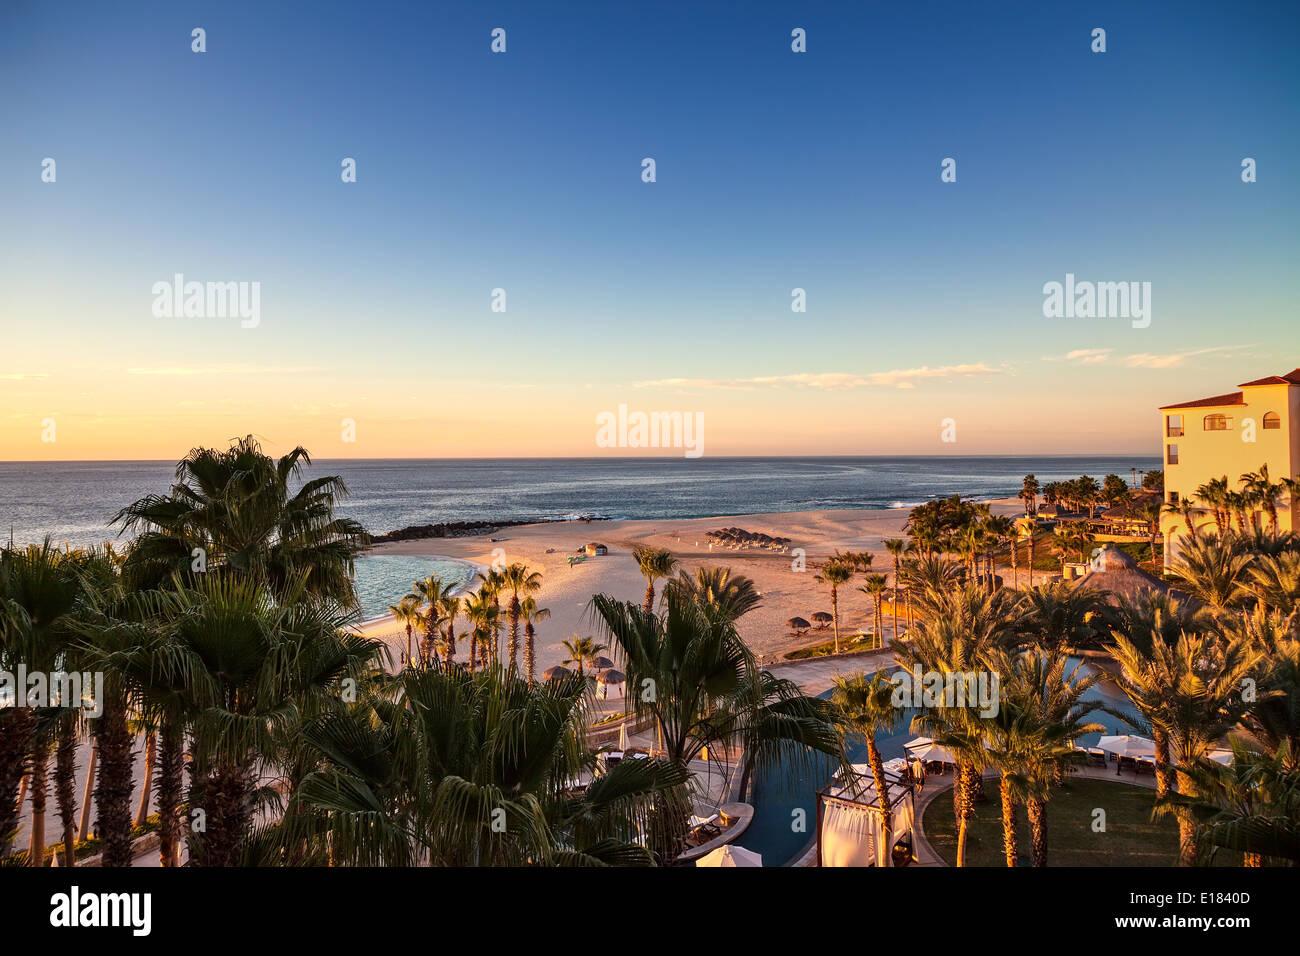 Sea of Cortez, Mexico - Stock Image